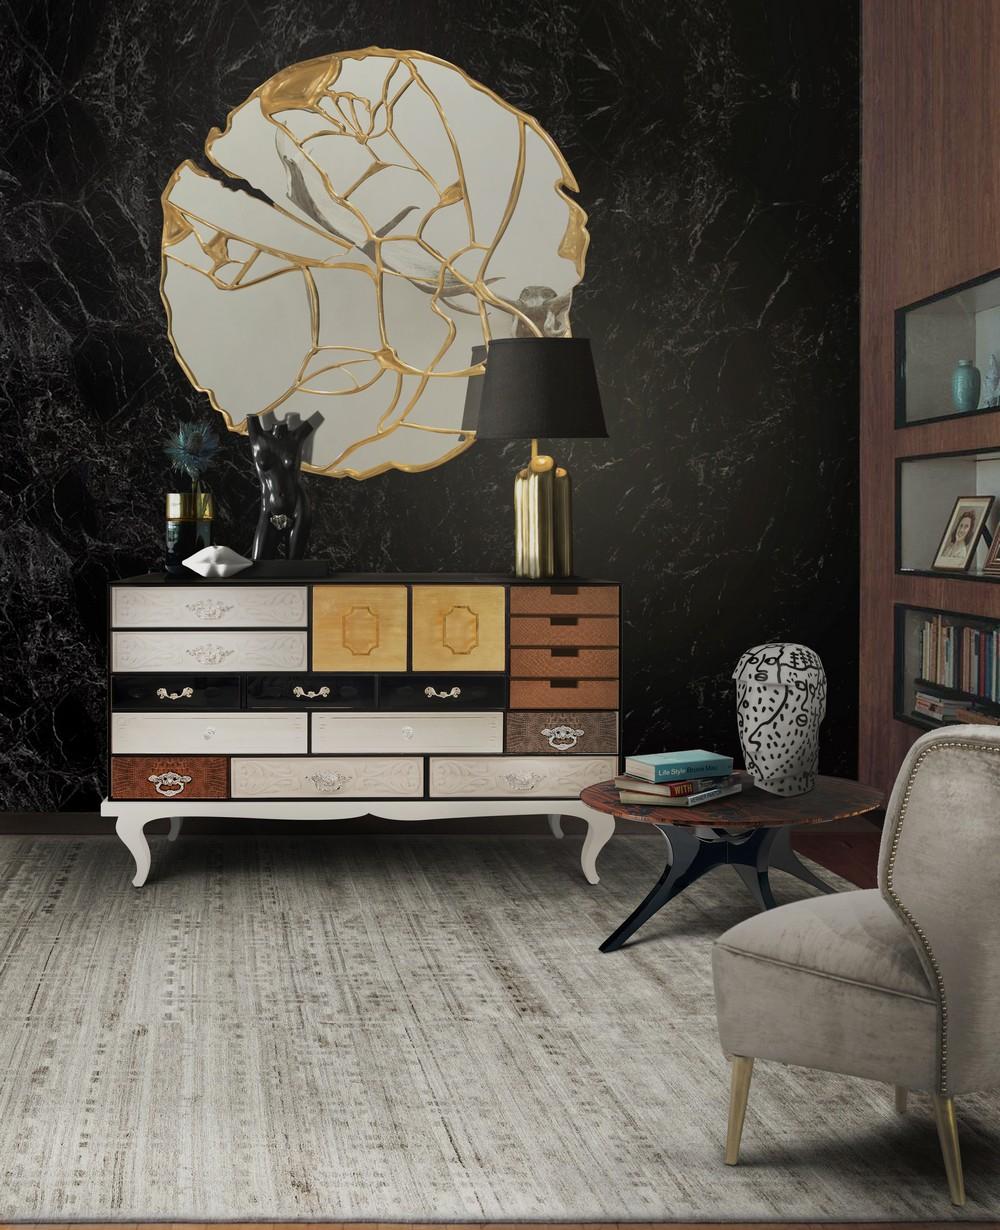 Diseño de Interiores: 5 Espejos para conjugar con un aparador lujuoso diseño de interiores Diseño de Interiores: 5 Espejos para conjugar con un aparador lujuoso Featured 3